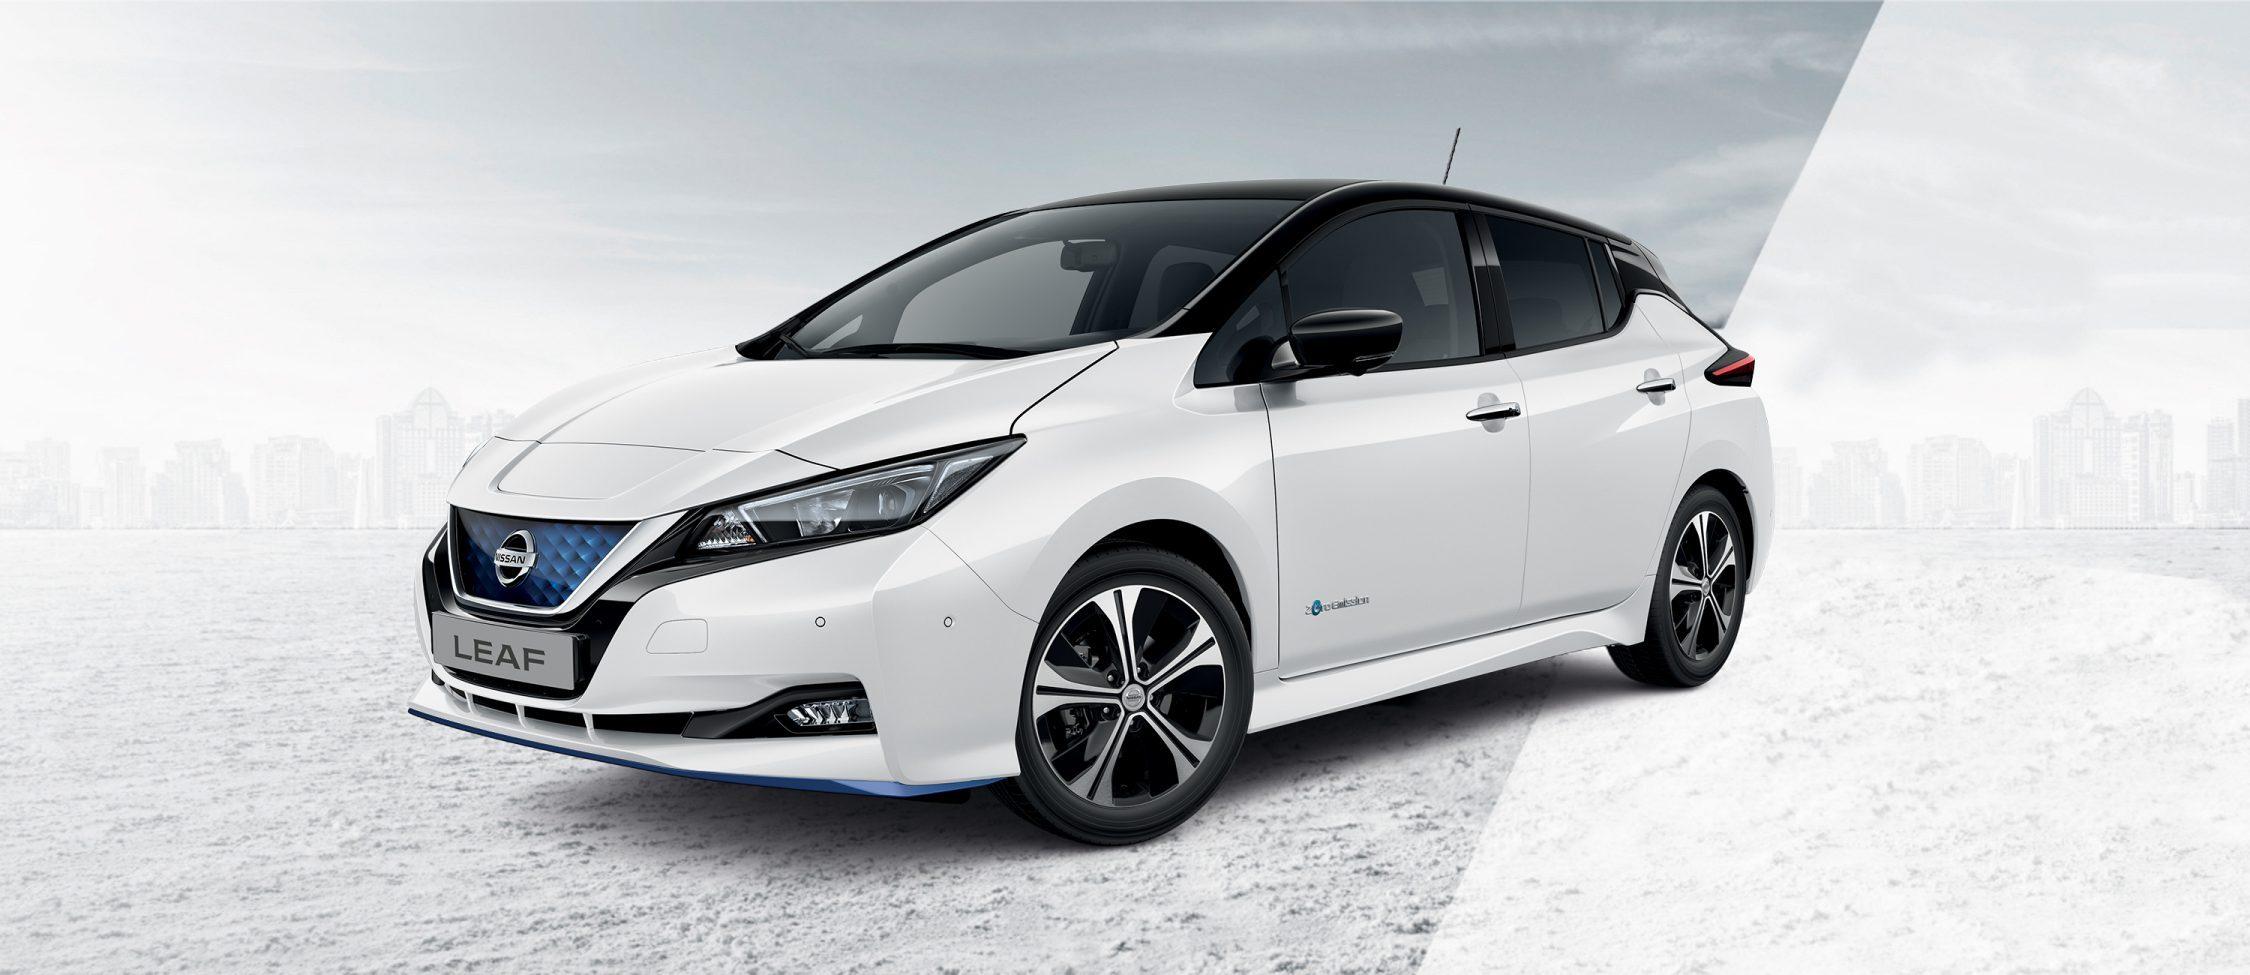 Nissan LEAF - Voiture électrique la plus vendue en Europe en 2018 ... 71510e56bd